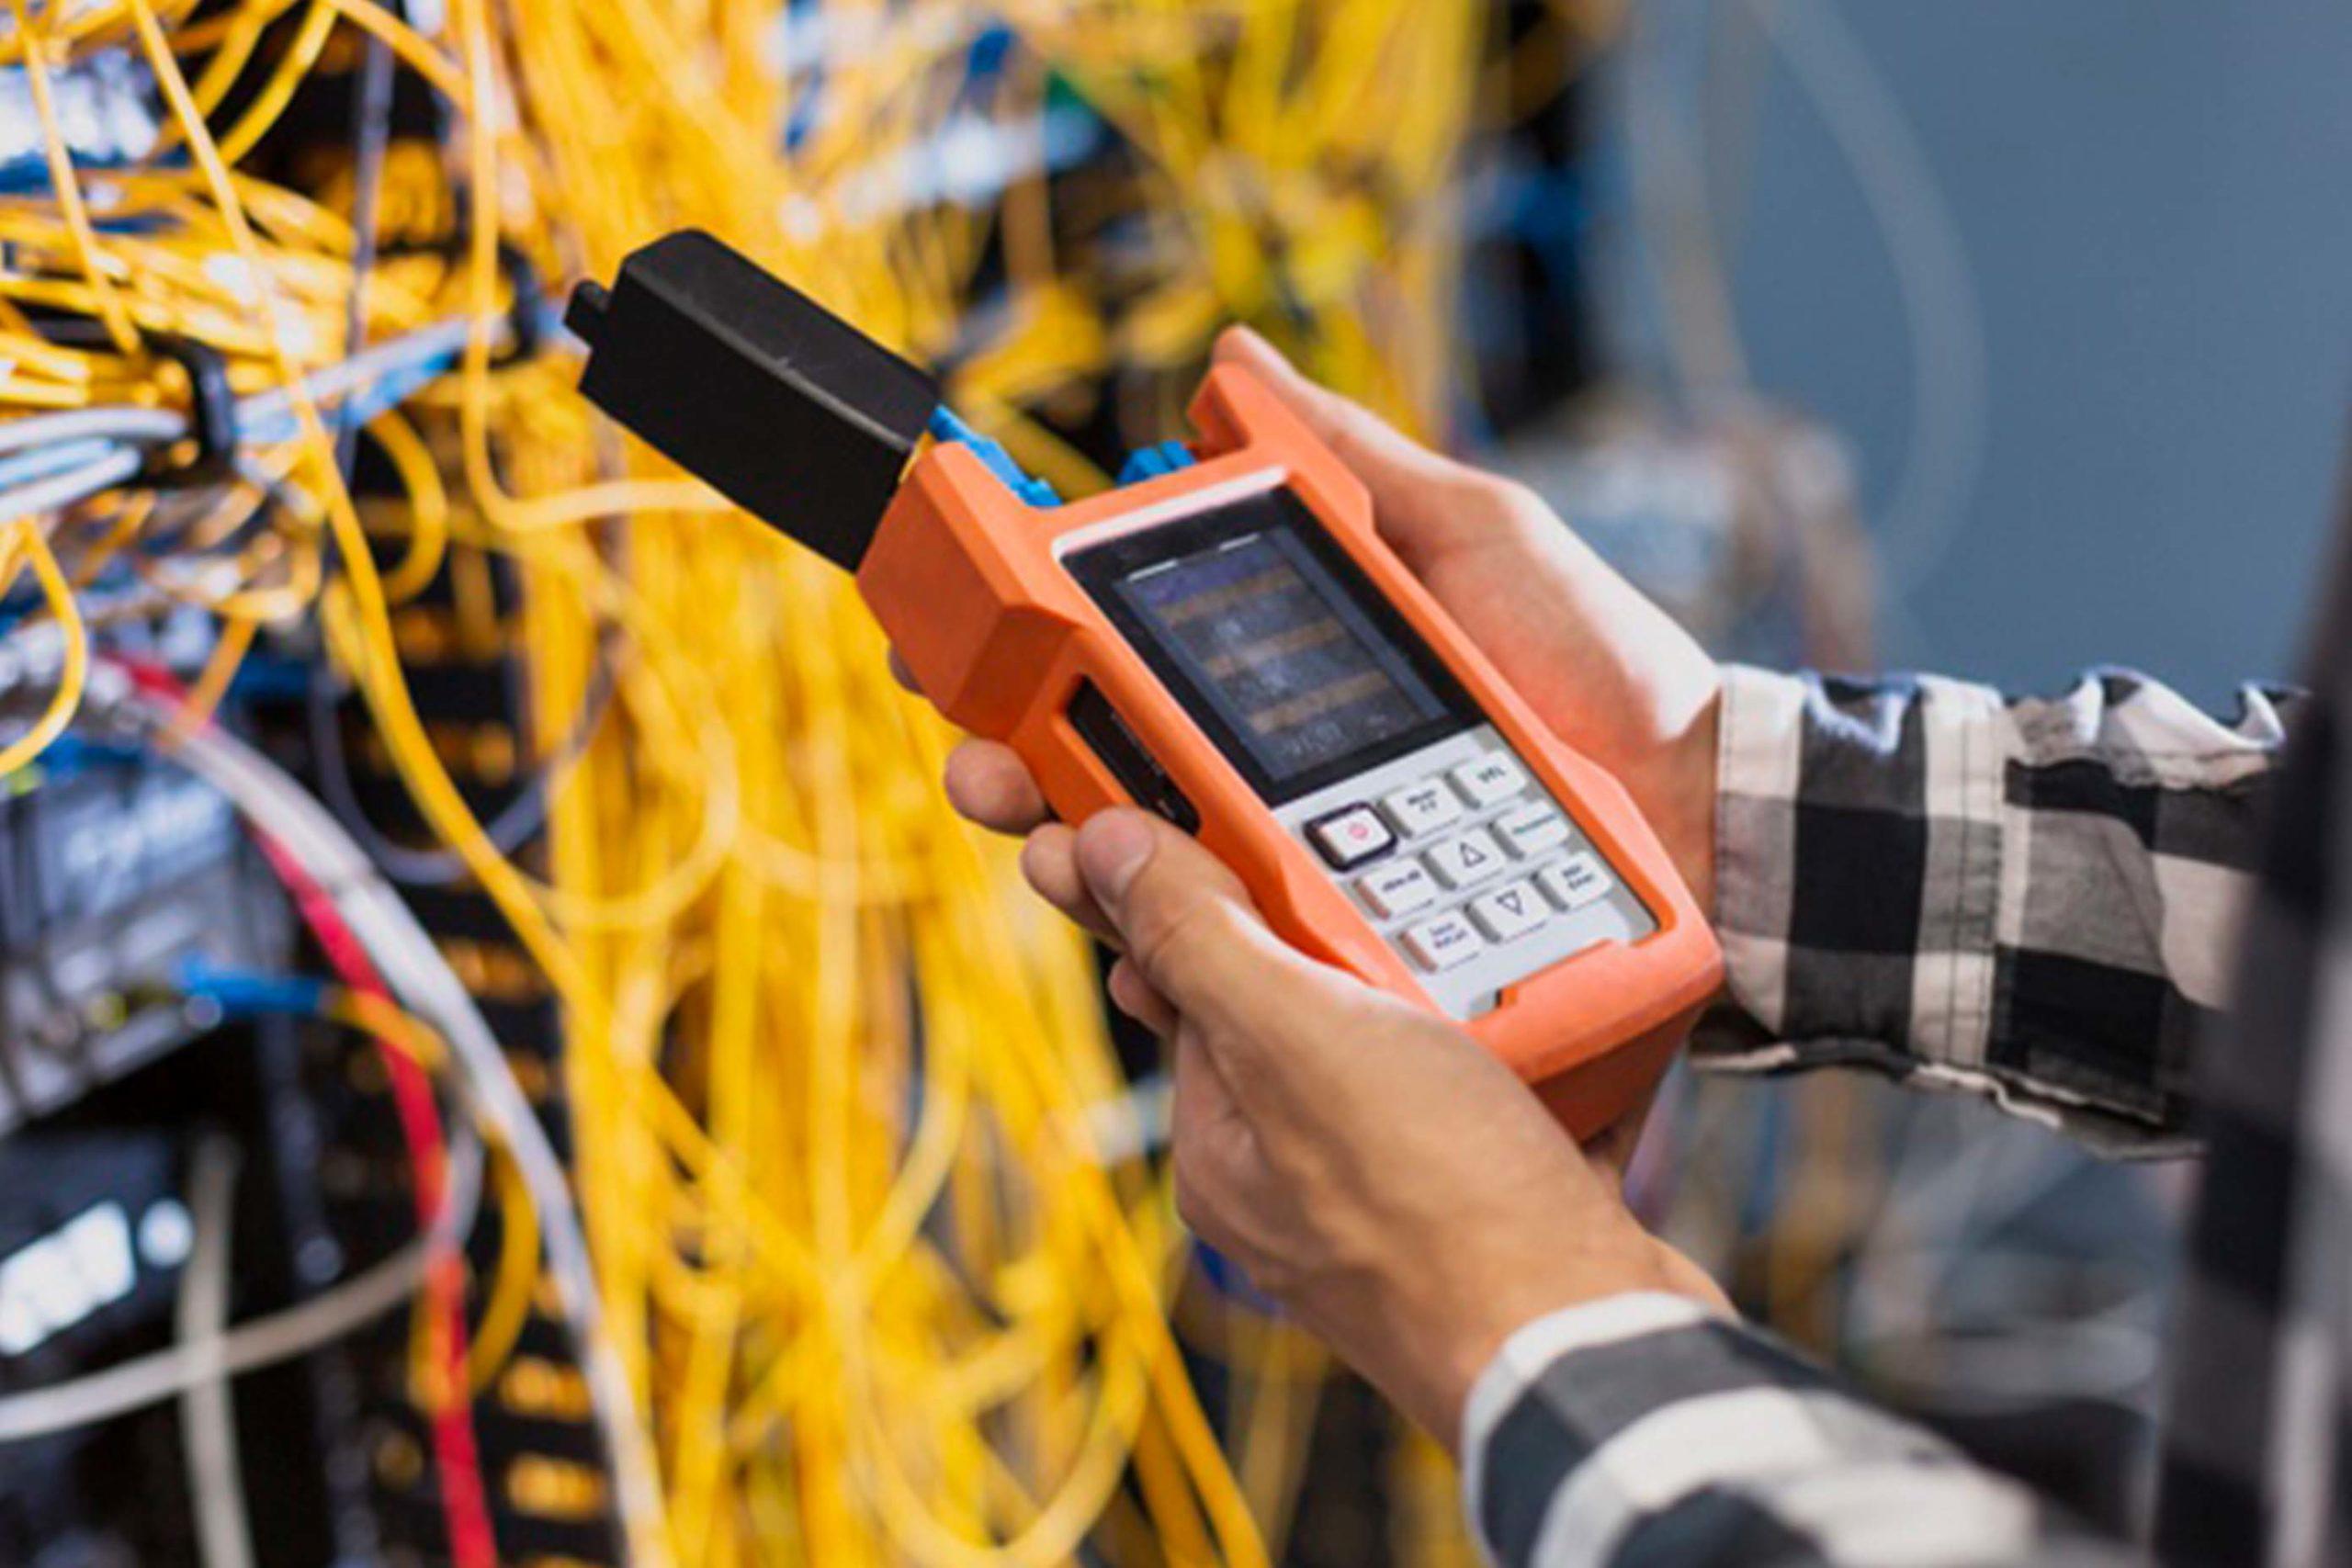 Управление качеством электрической энергии в системах электроснабжения и электрических сетях общего назначения (Россети Юг)